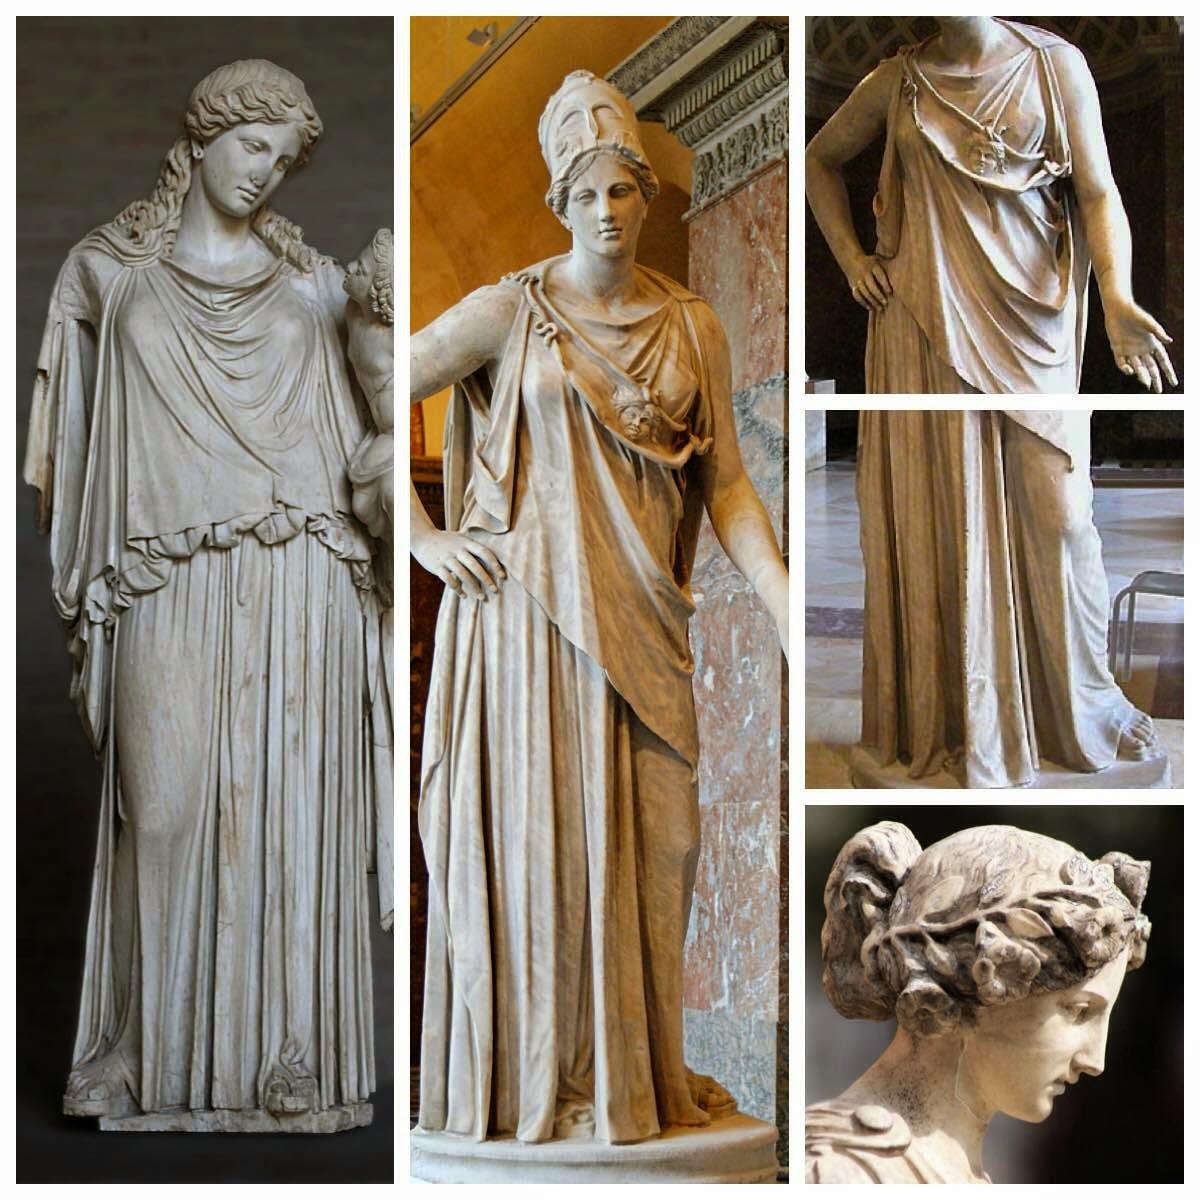 historia ubioru w starożytności